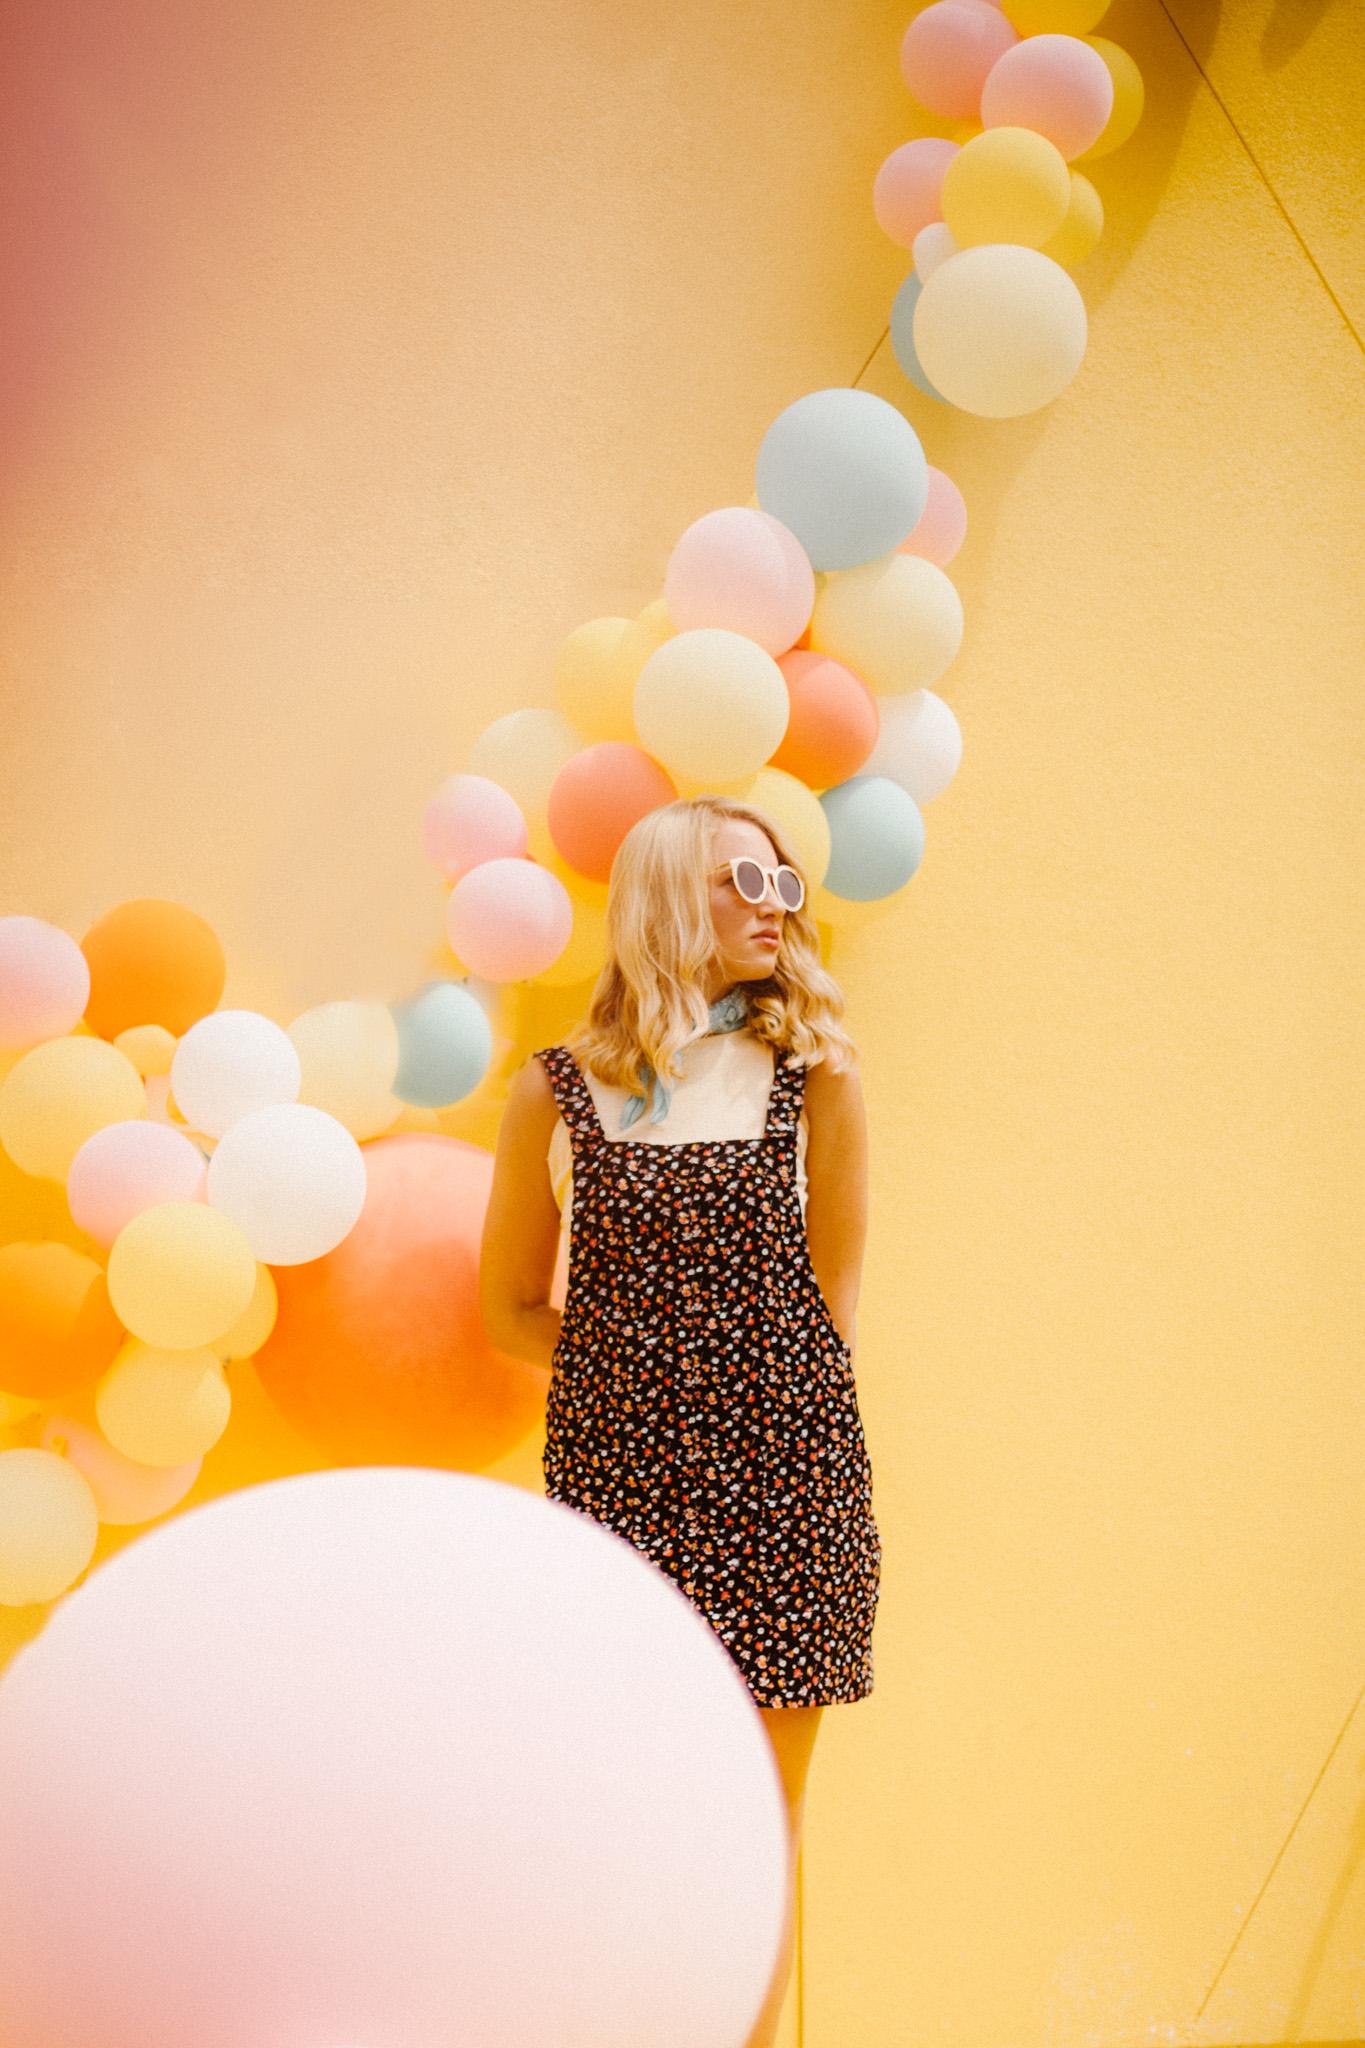 Ailin Hyde Photographer | Austin, Texas Photographer